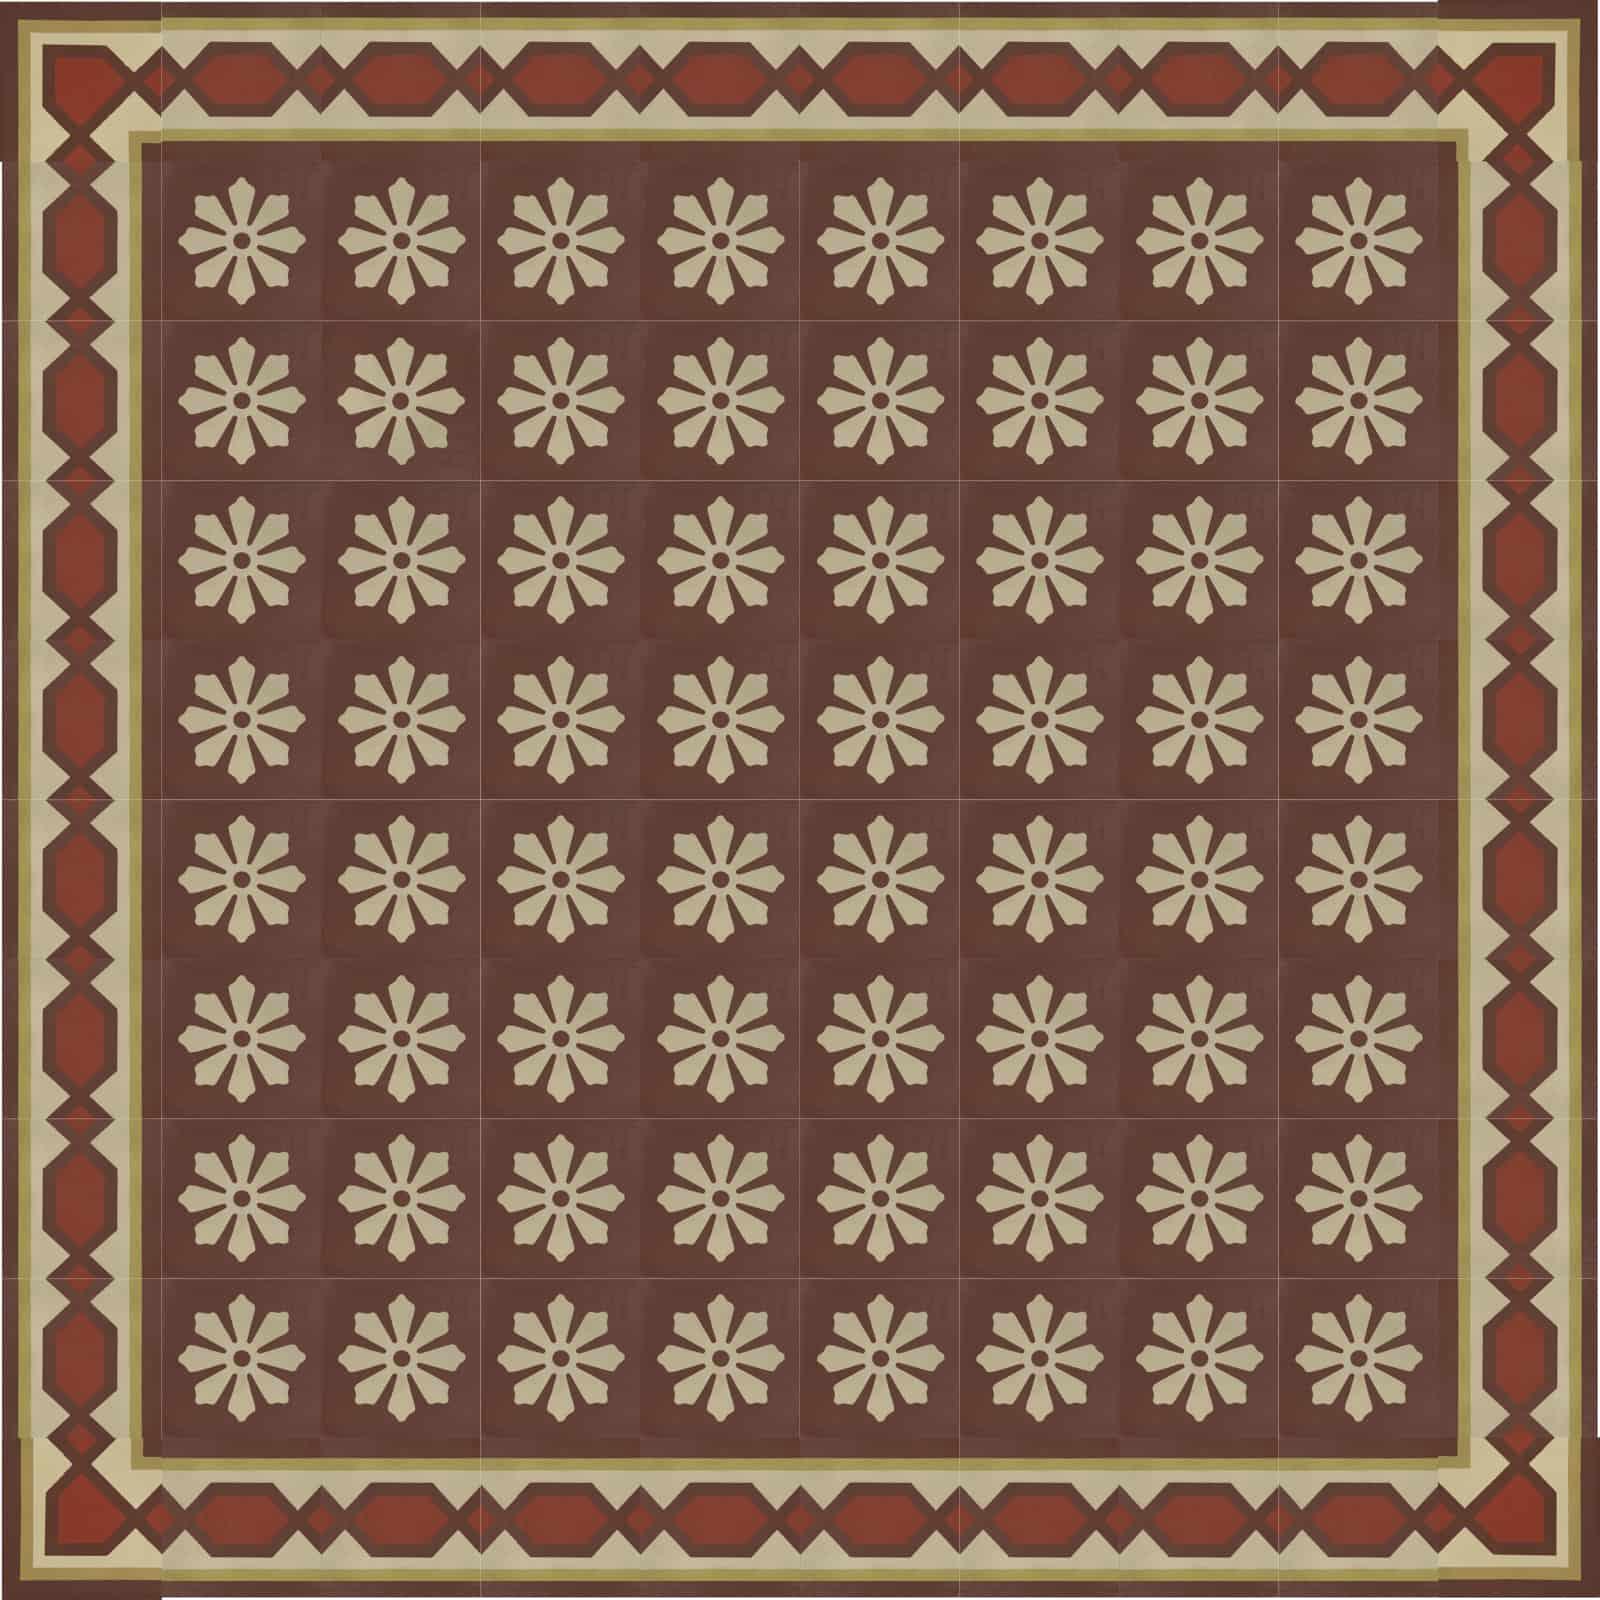 zementfliesen-terrazzofliesen-kreidefarbe-terrazzo-fugenlos-viaplatten-51100-verlegemuster | 52100